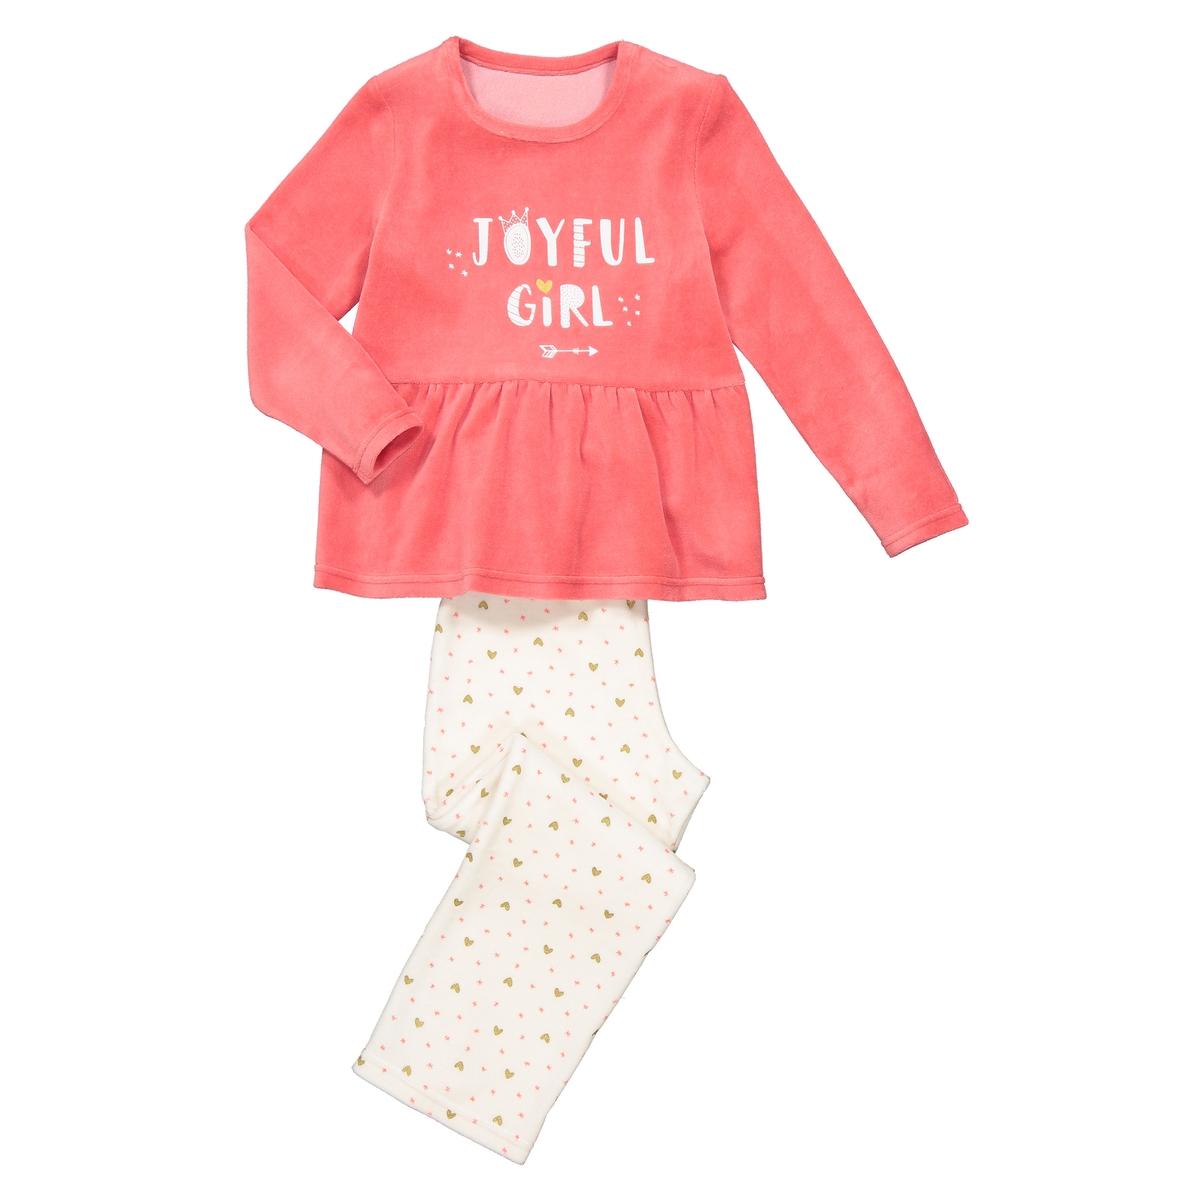 Пижама La Redoute С надпись из велюра 12 лет -150 см розовый пижама la redoute с надпись из велюра 12 лет 150 см розовый